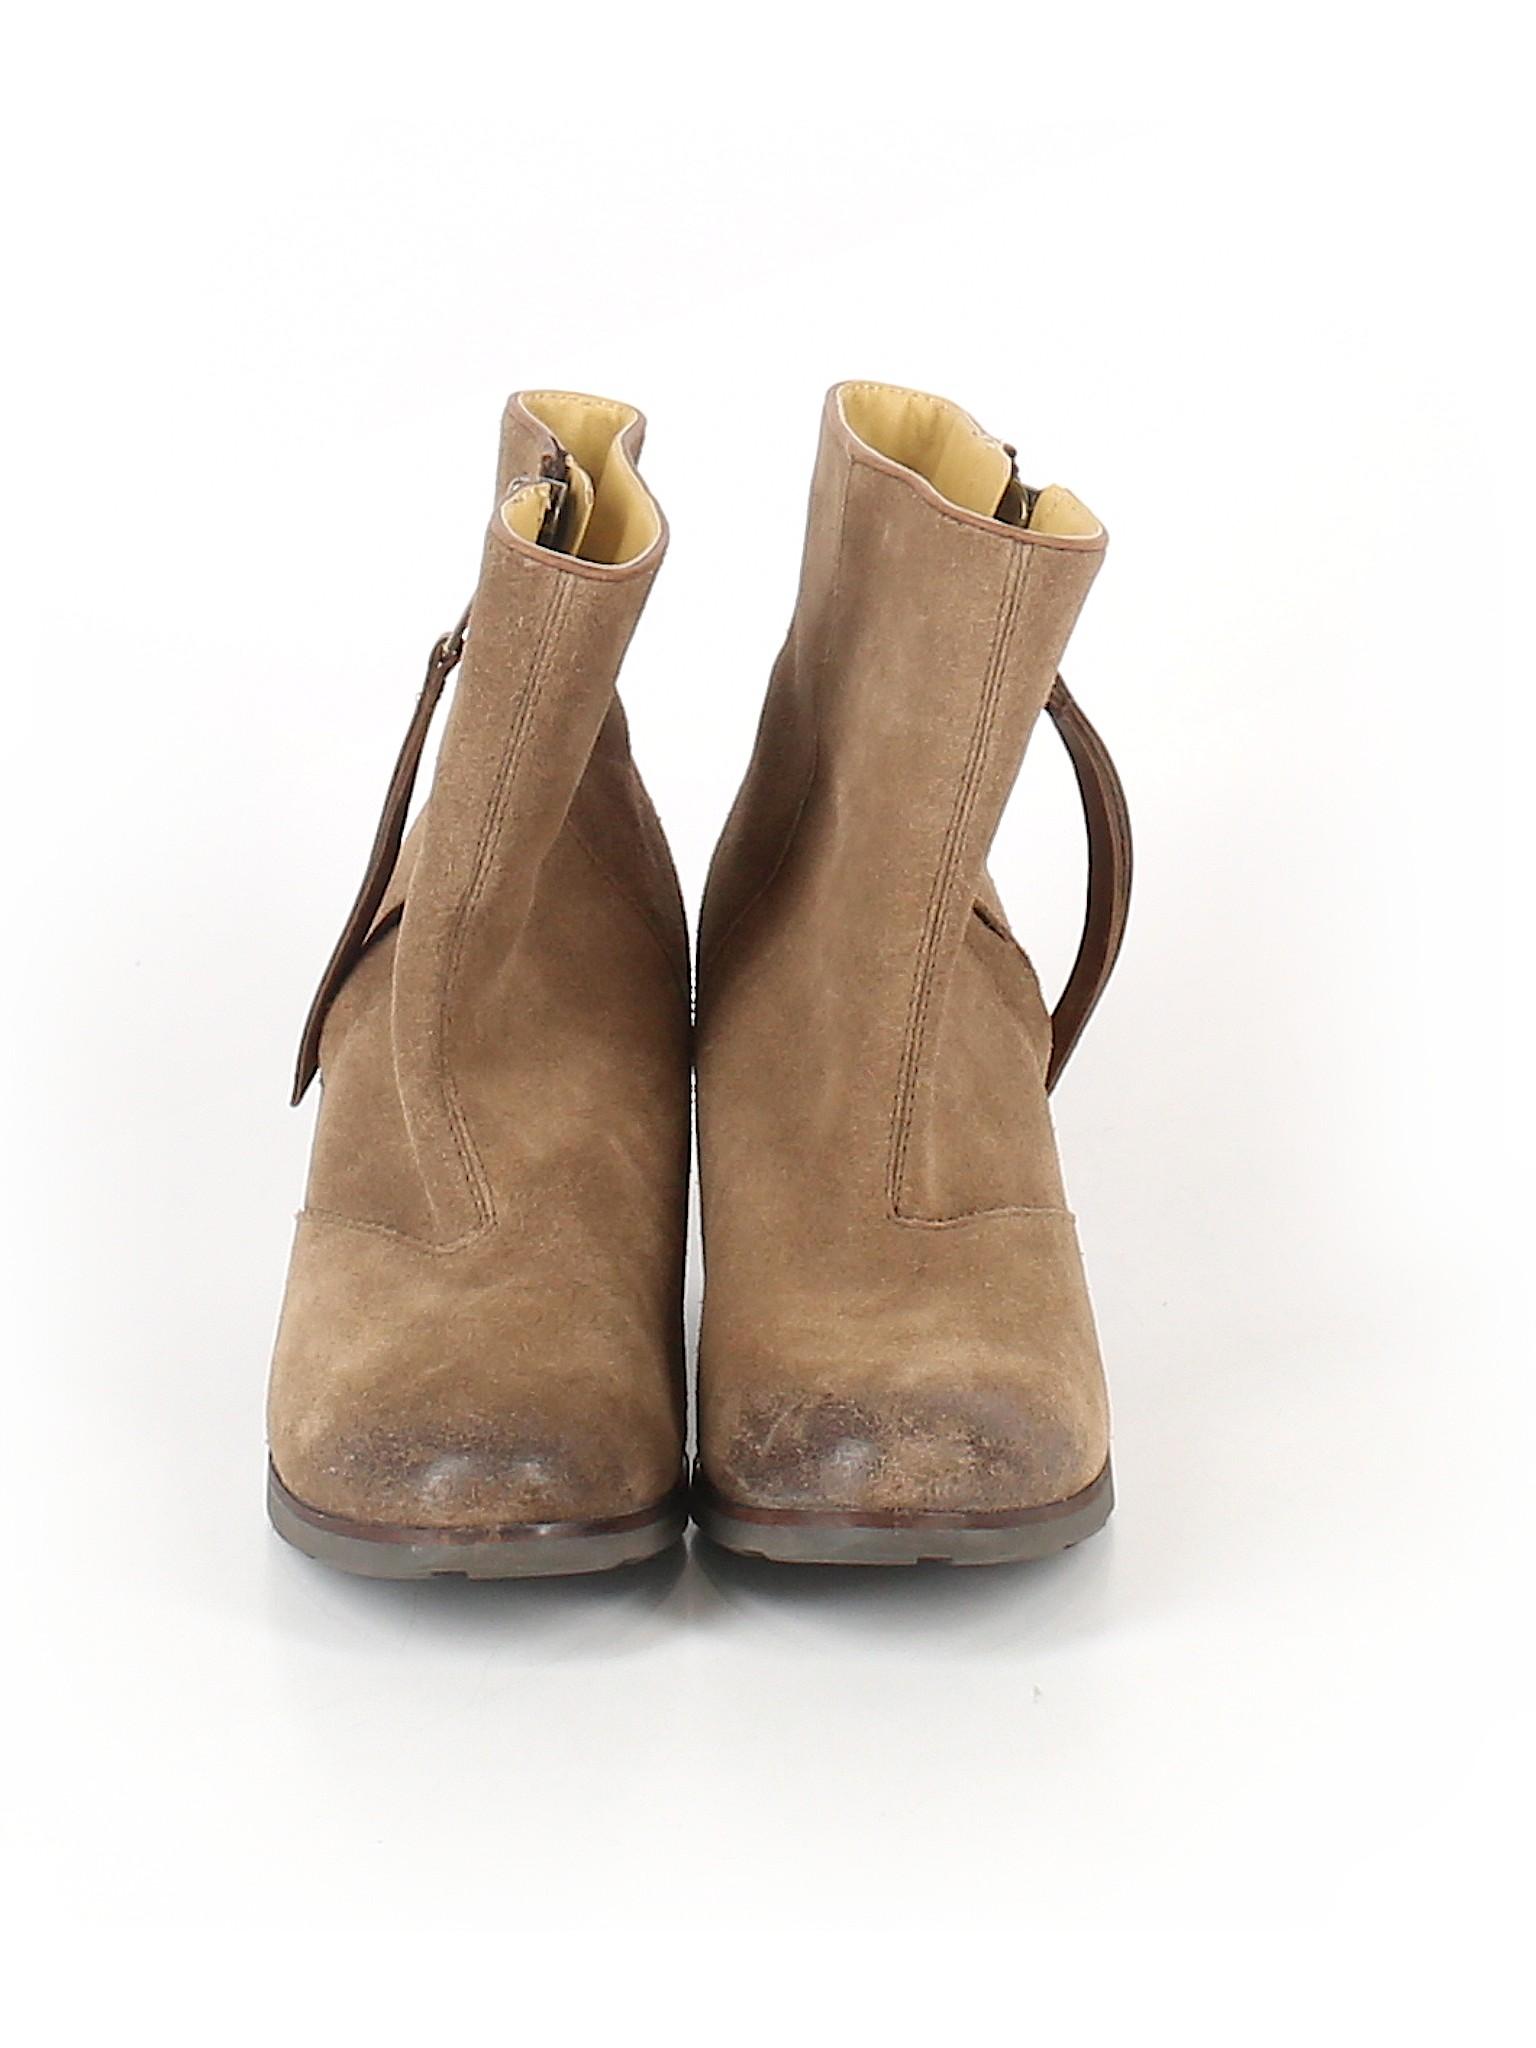 Boutique Boutique promotion Boots Ankle promotion BUSSOLA d4Z7q5